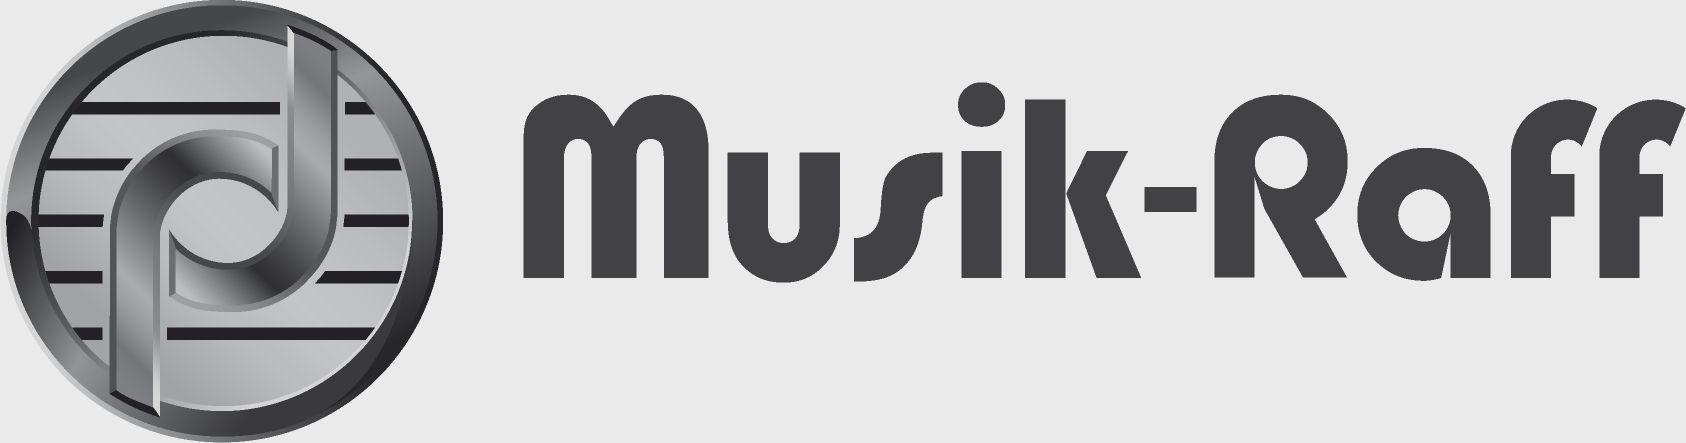 Musik Raff Musikalienhandlung